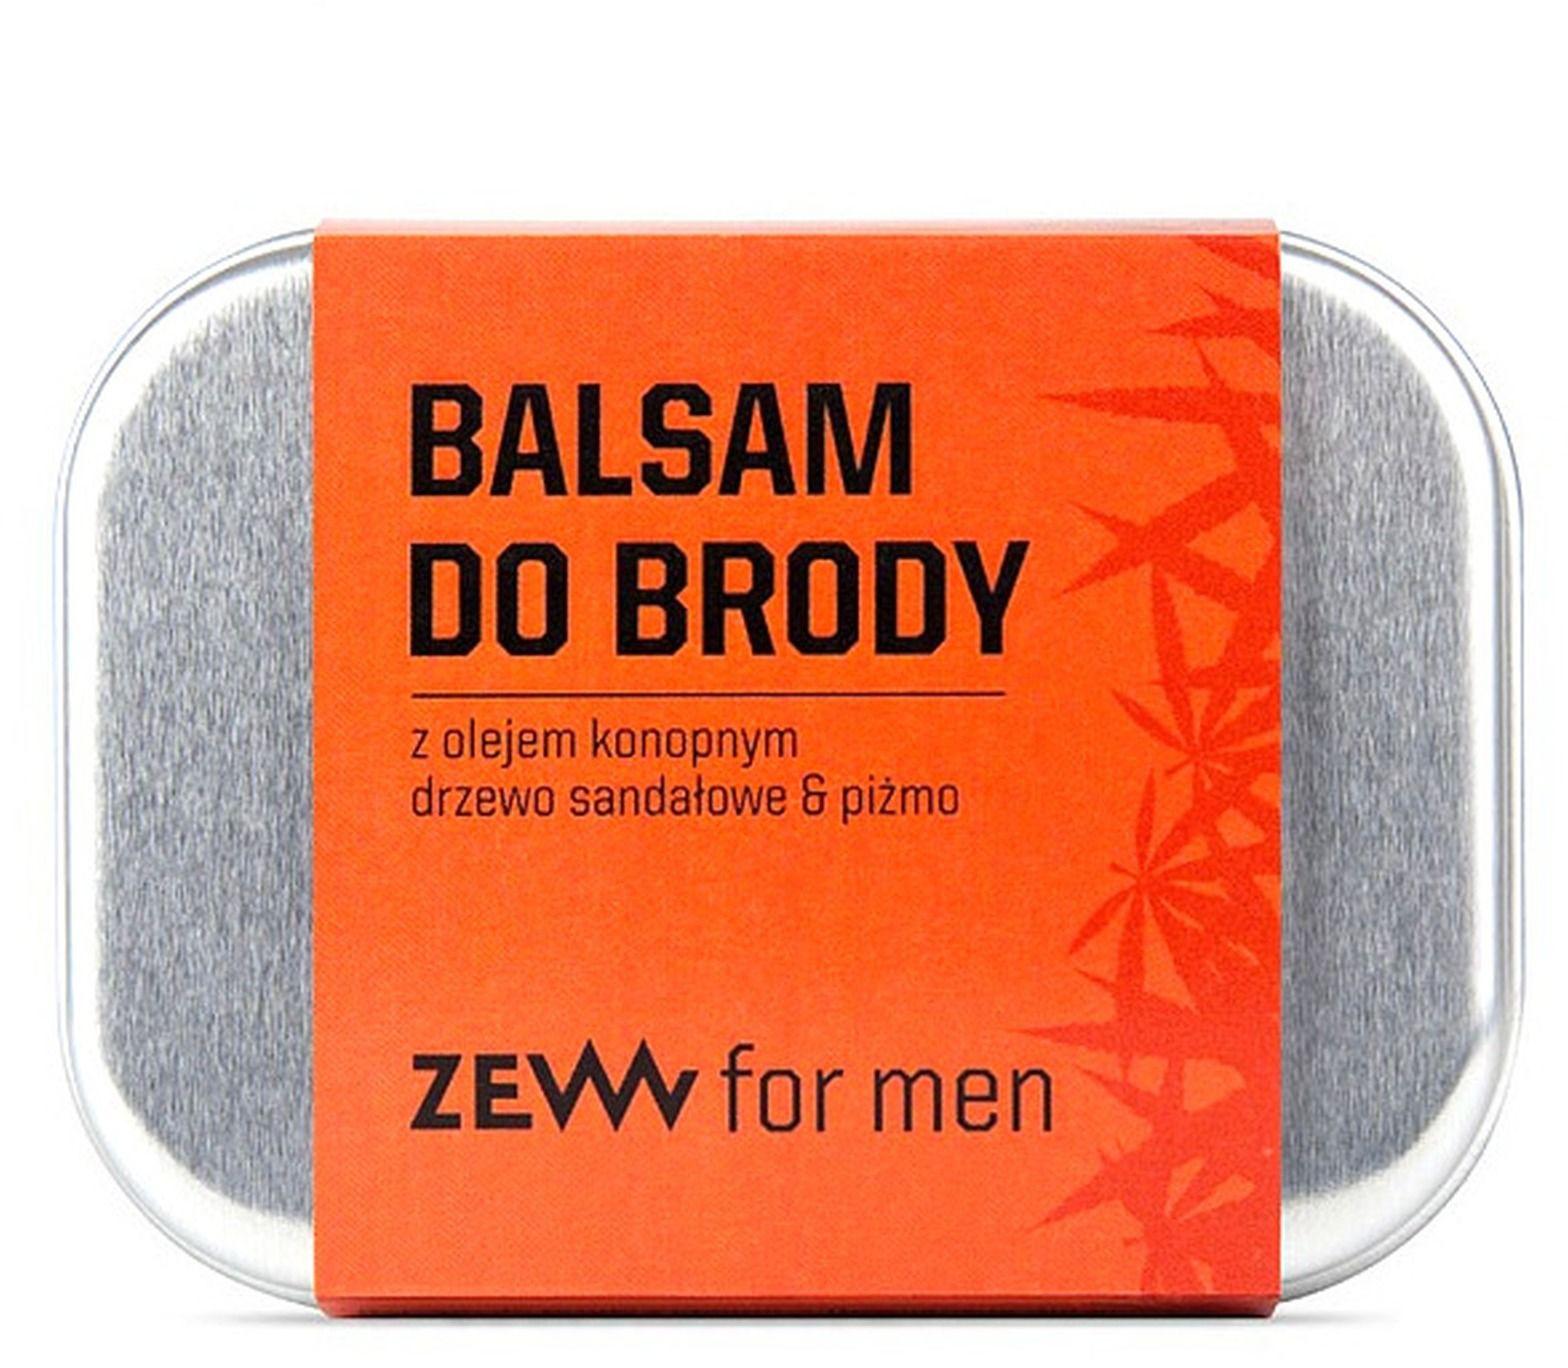 Balsam do brody z olejem konopnym - 80ml - Zew